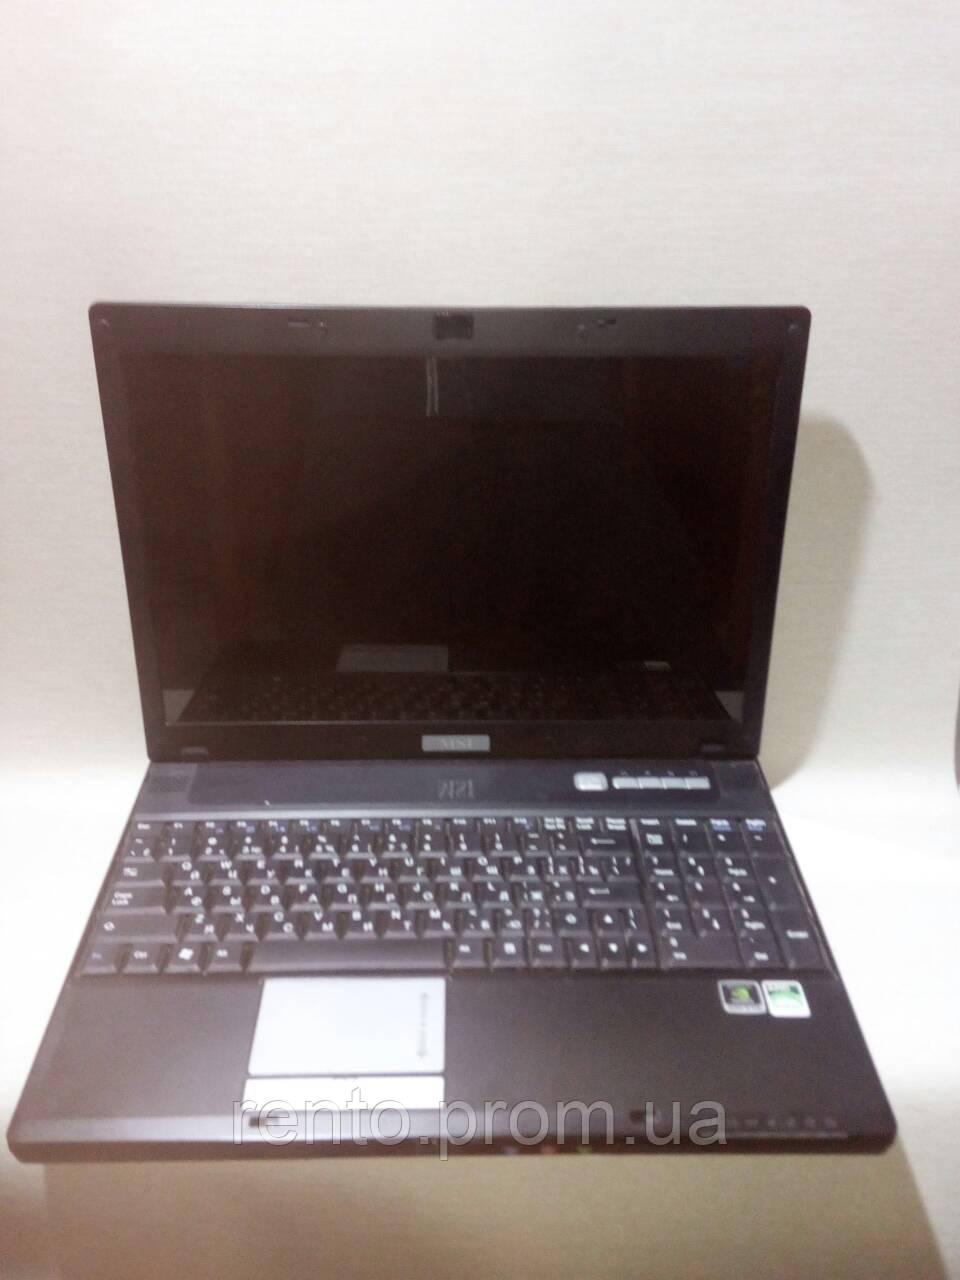 Аренда, прокат - Ноутбук MSI - MS-1632